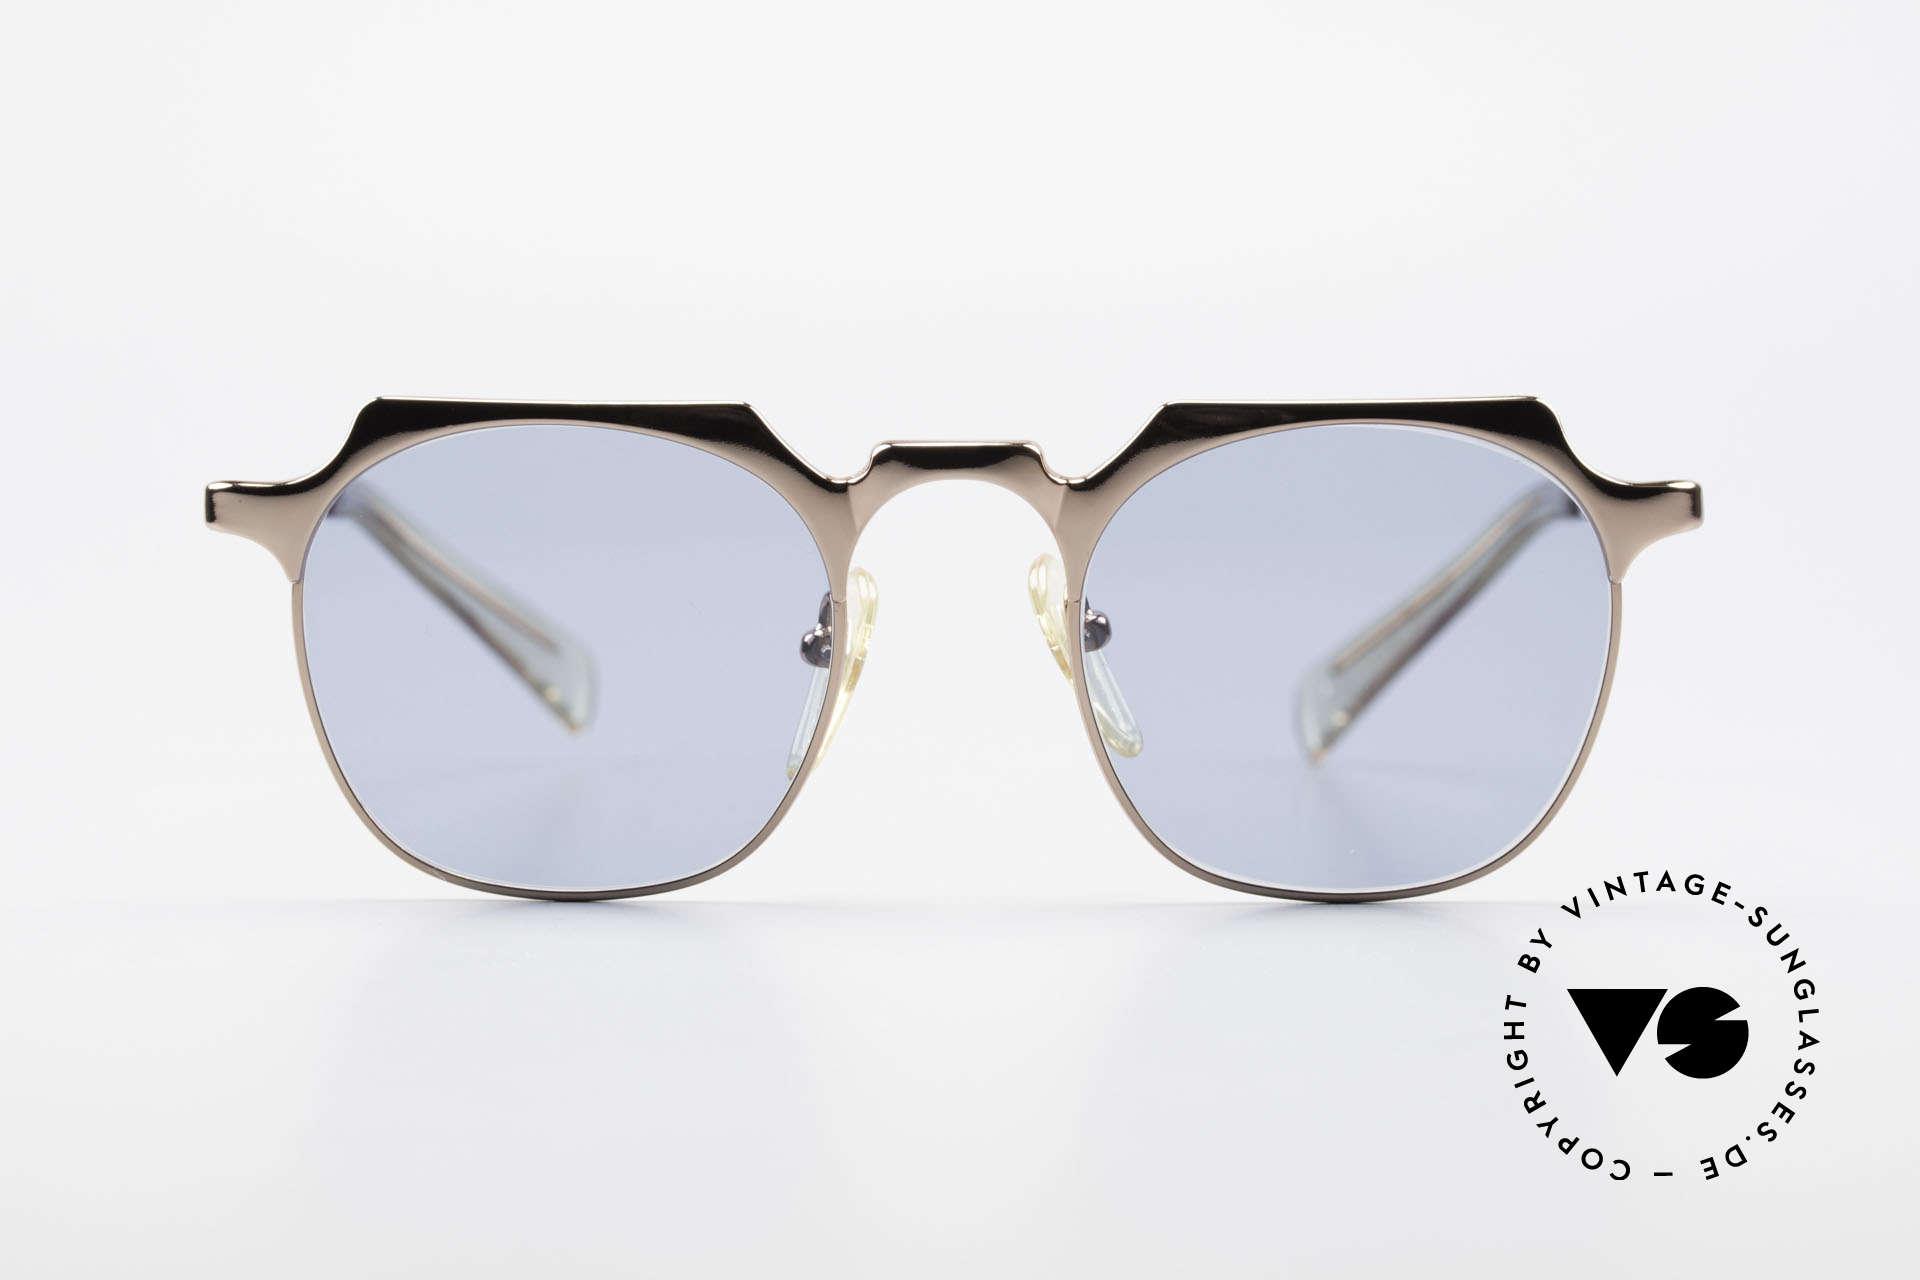 Jean Paul Gaultier 57-0171 Panto Designer Sonnenbrille, eines der TOP-Modelle der Junior Gaultier Series, Passend für Herren und Damen